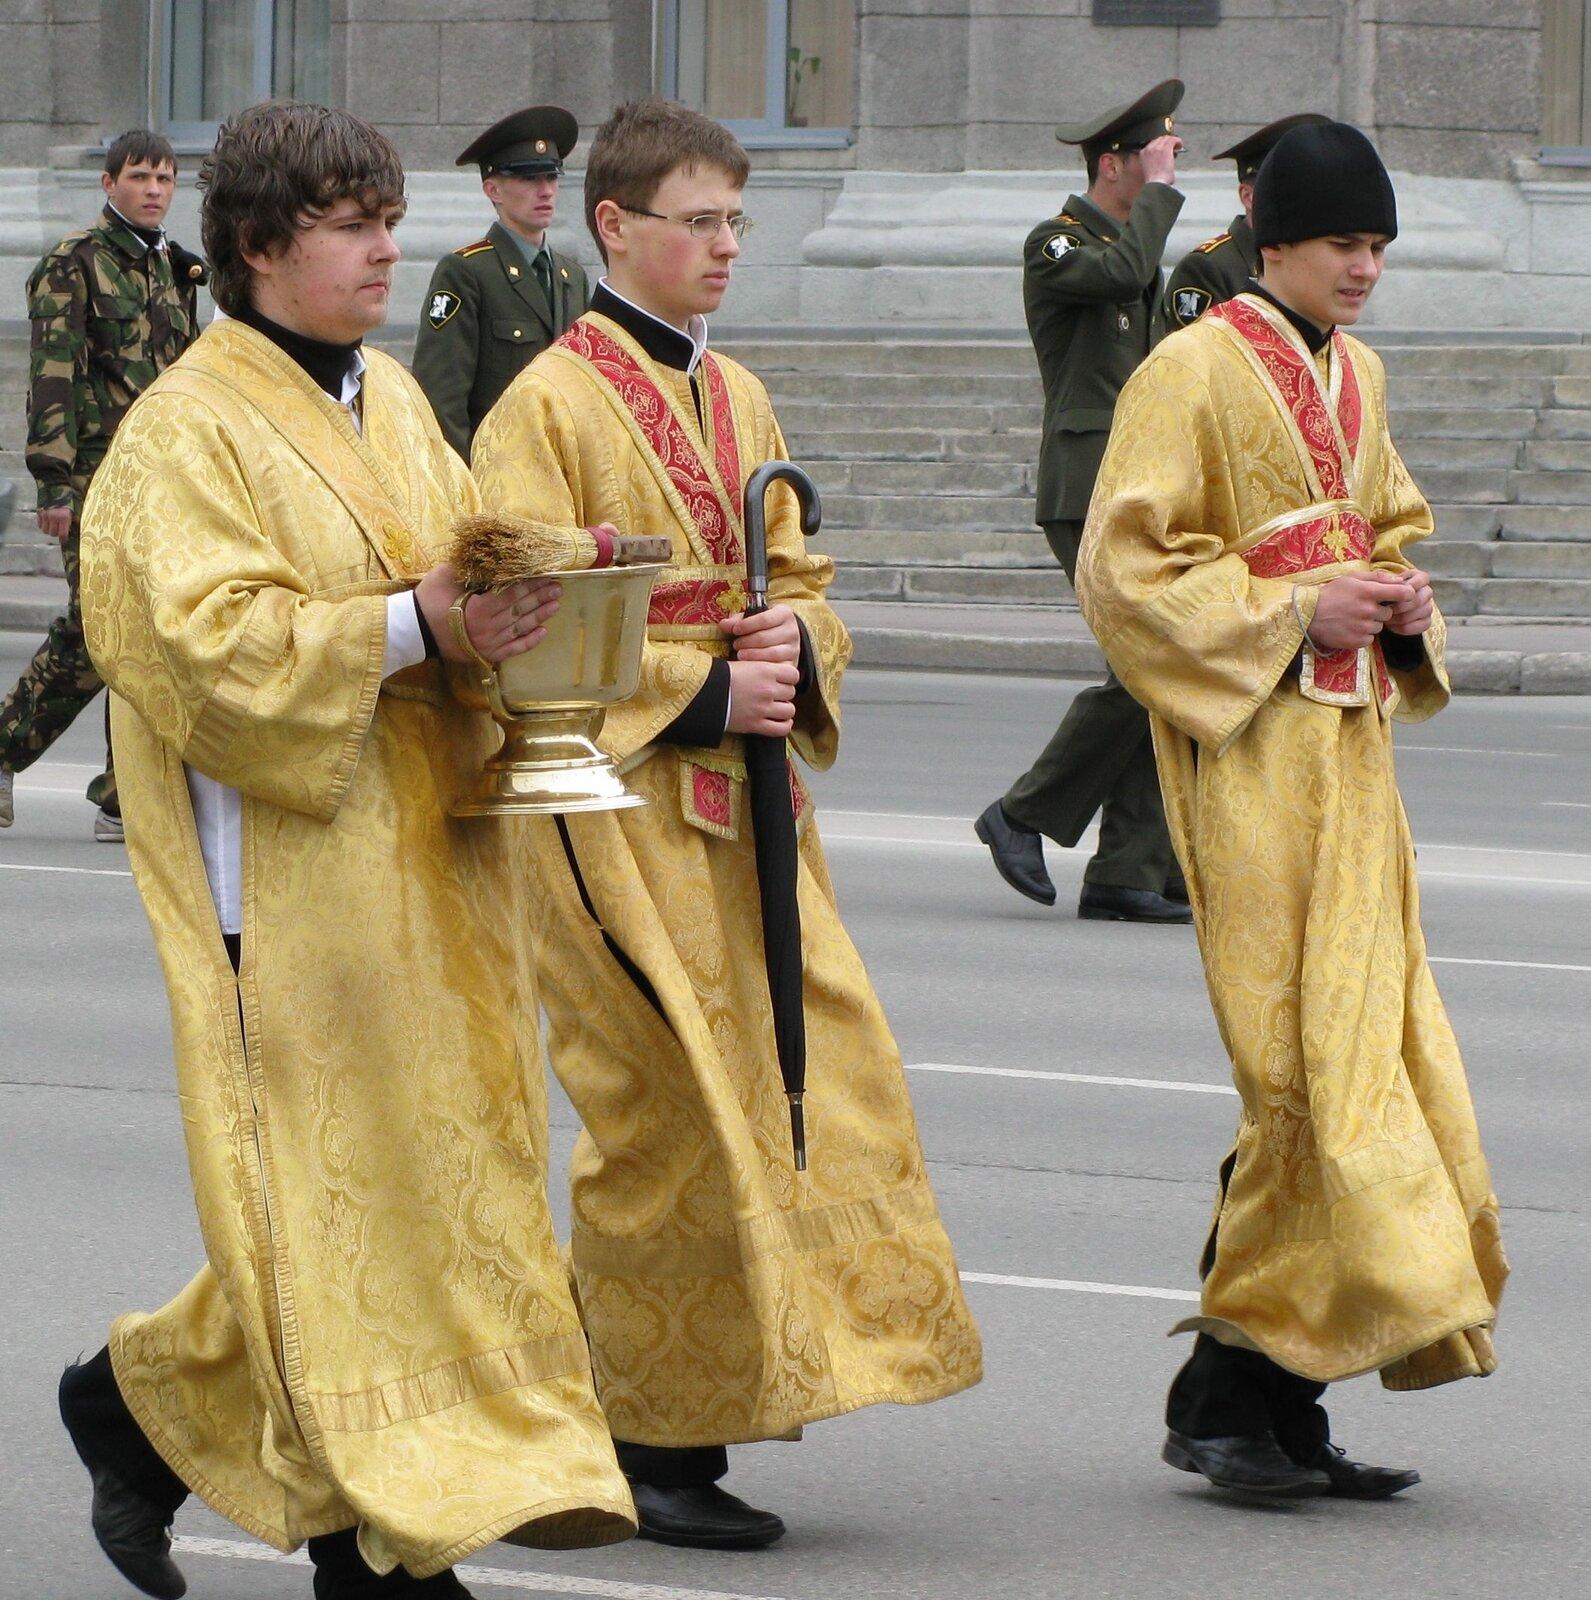 prawosławni subdiakoni Źródło: Testus, prawosławni subdiakoni, licencja: CC BY-SA 3.0.